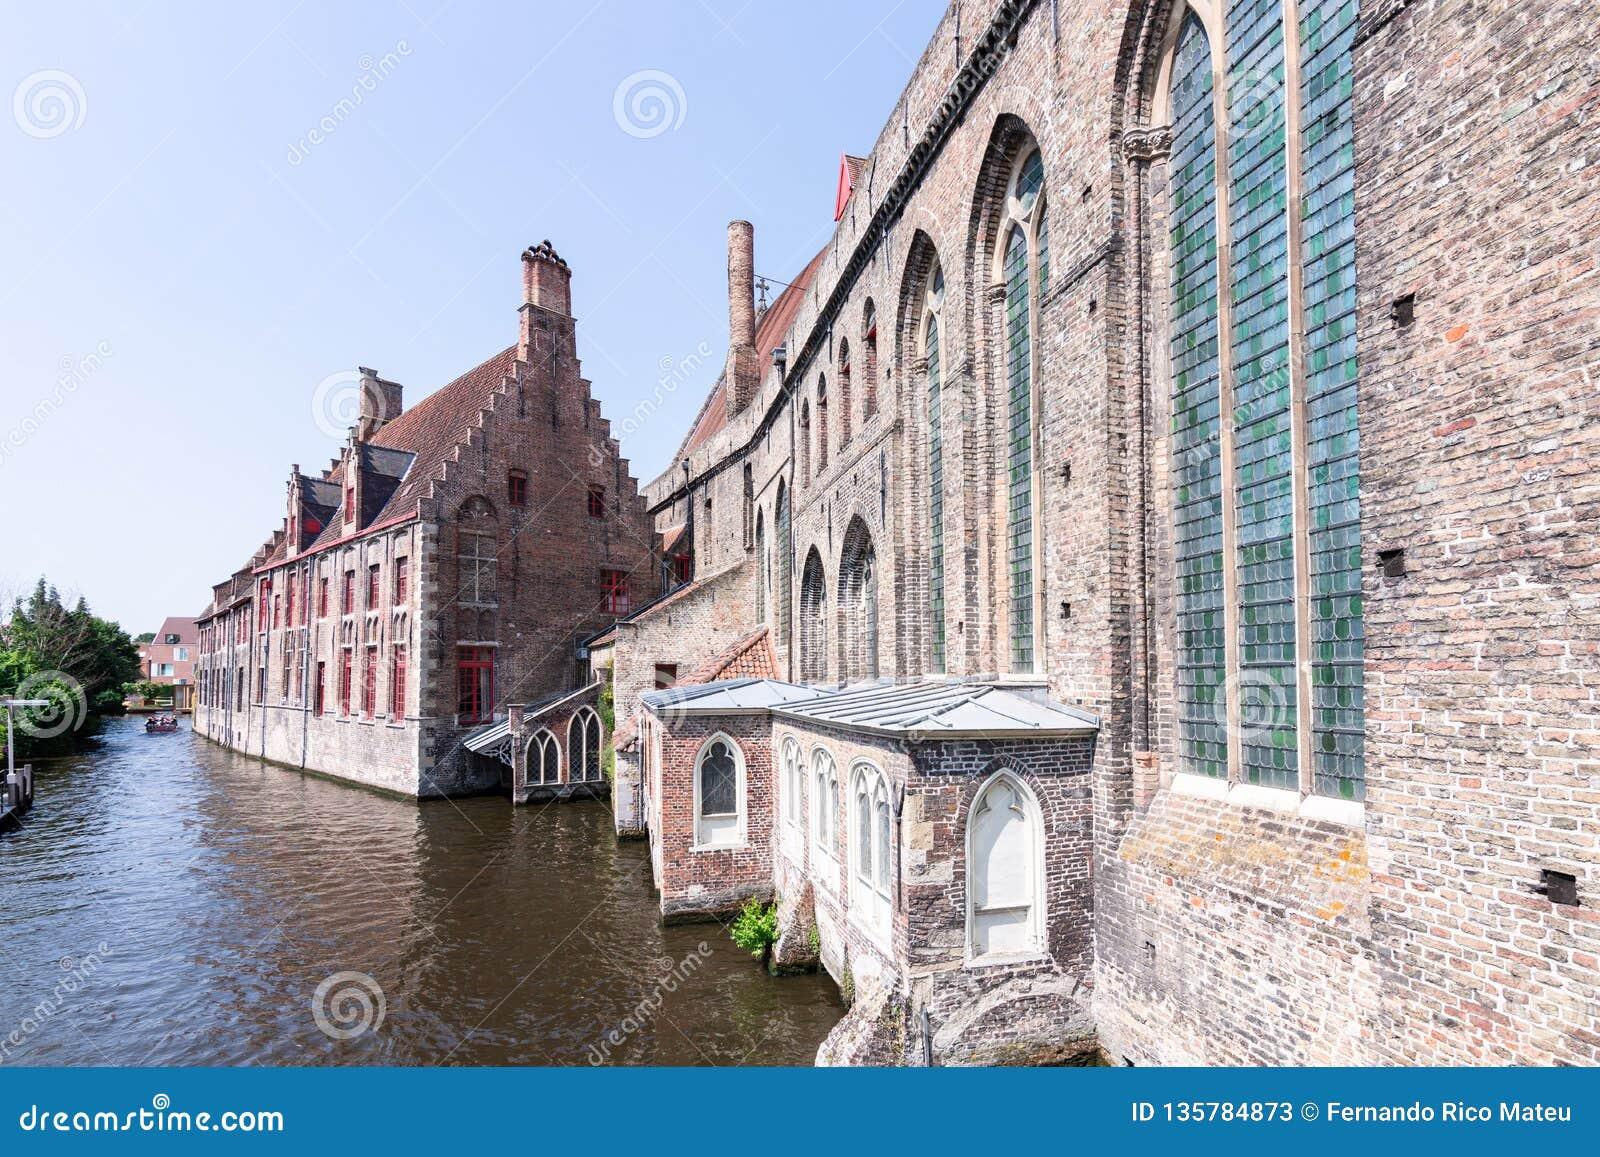 Ιστορικά κτήρια στις τράπεζες των καναλιών στη Μπρυζ, Βέλγιο, Ευρώπη